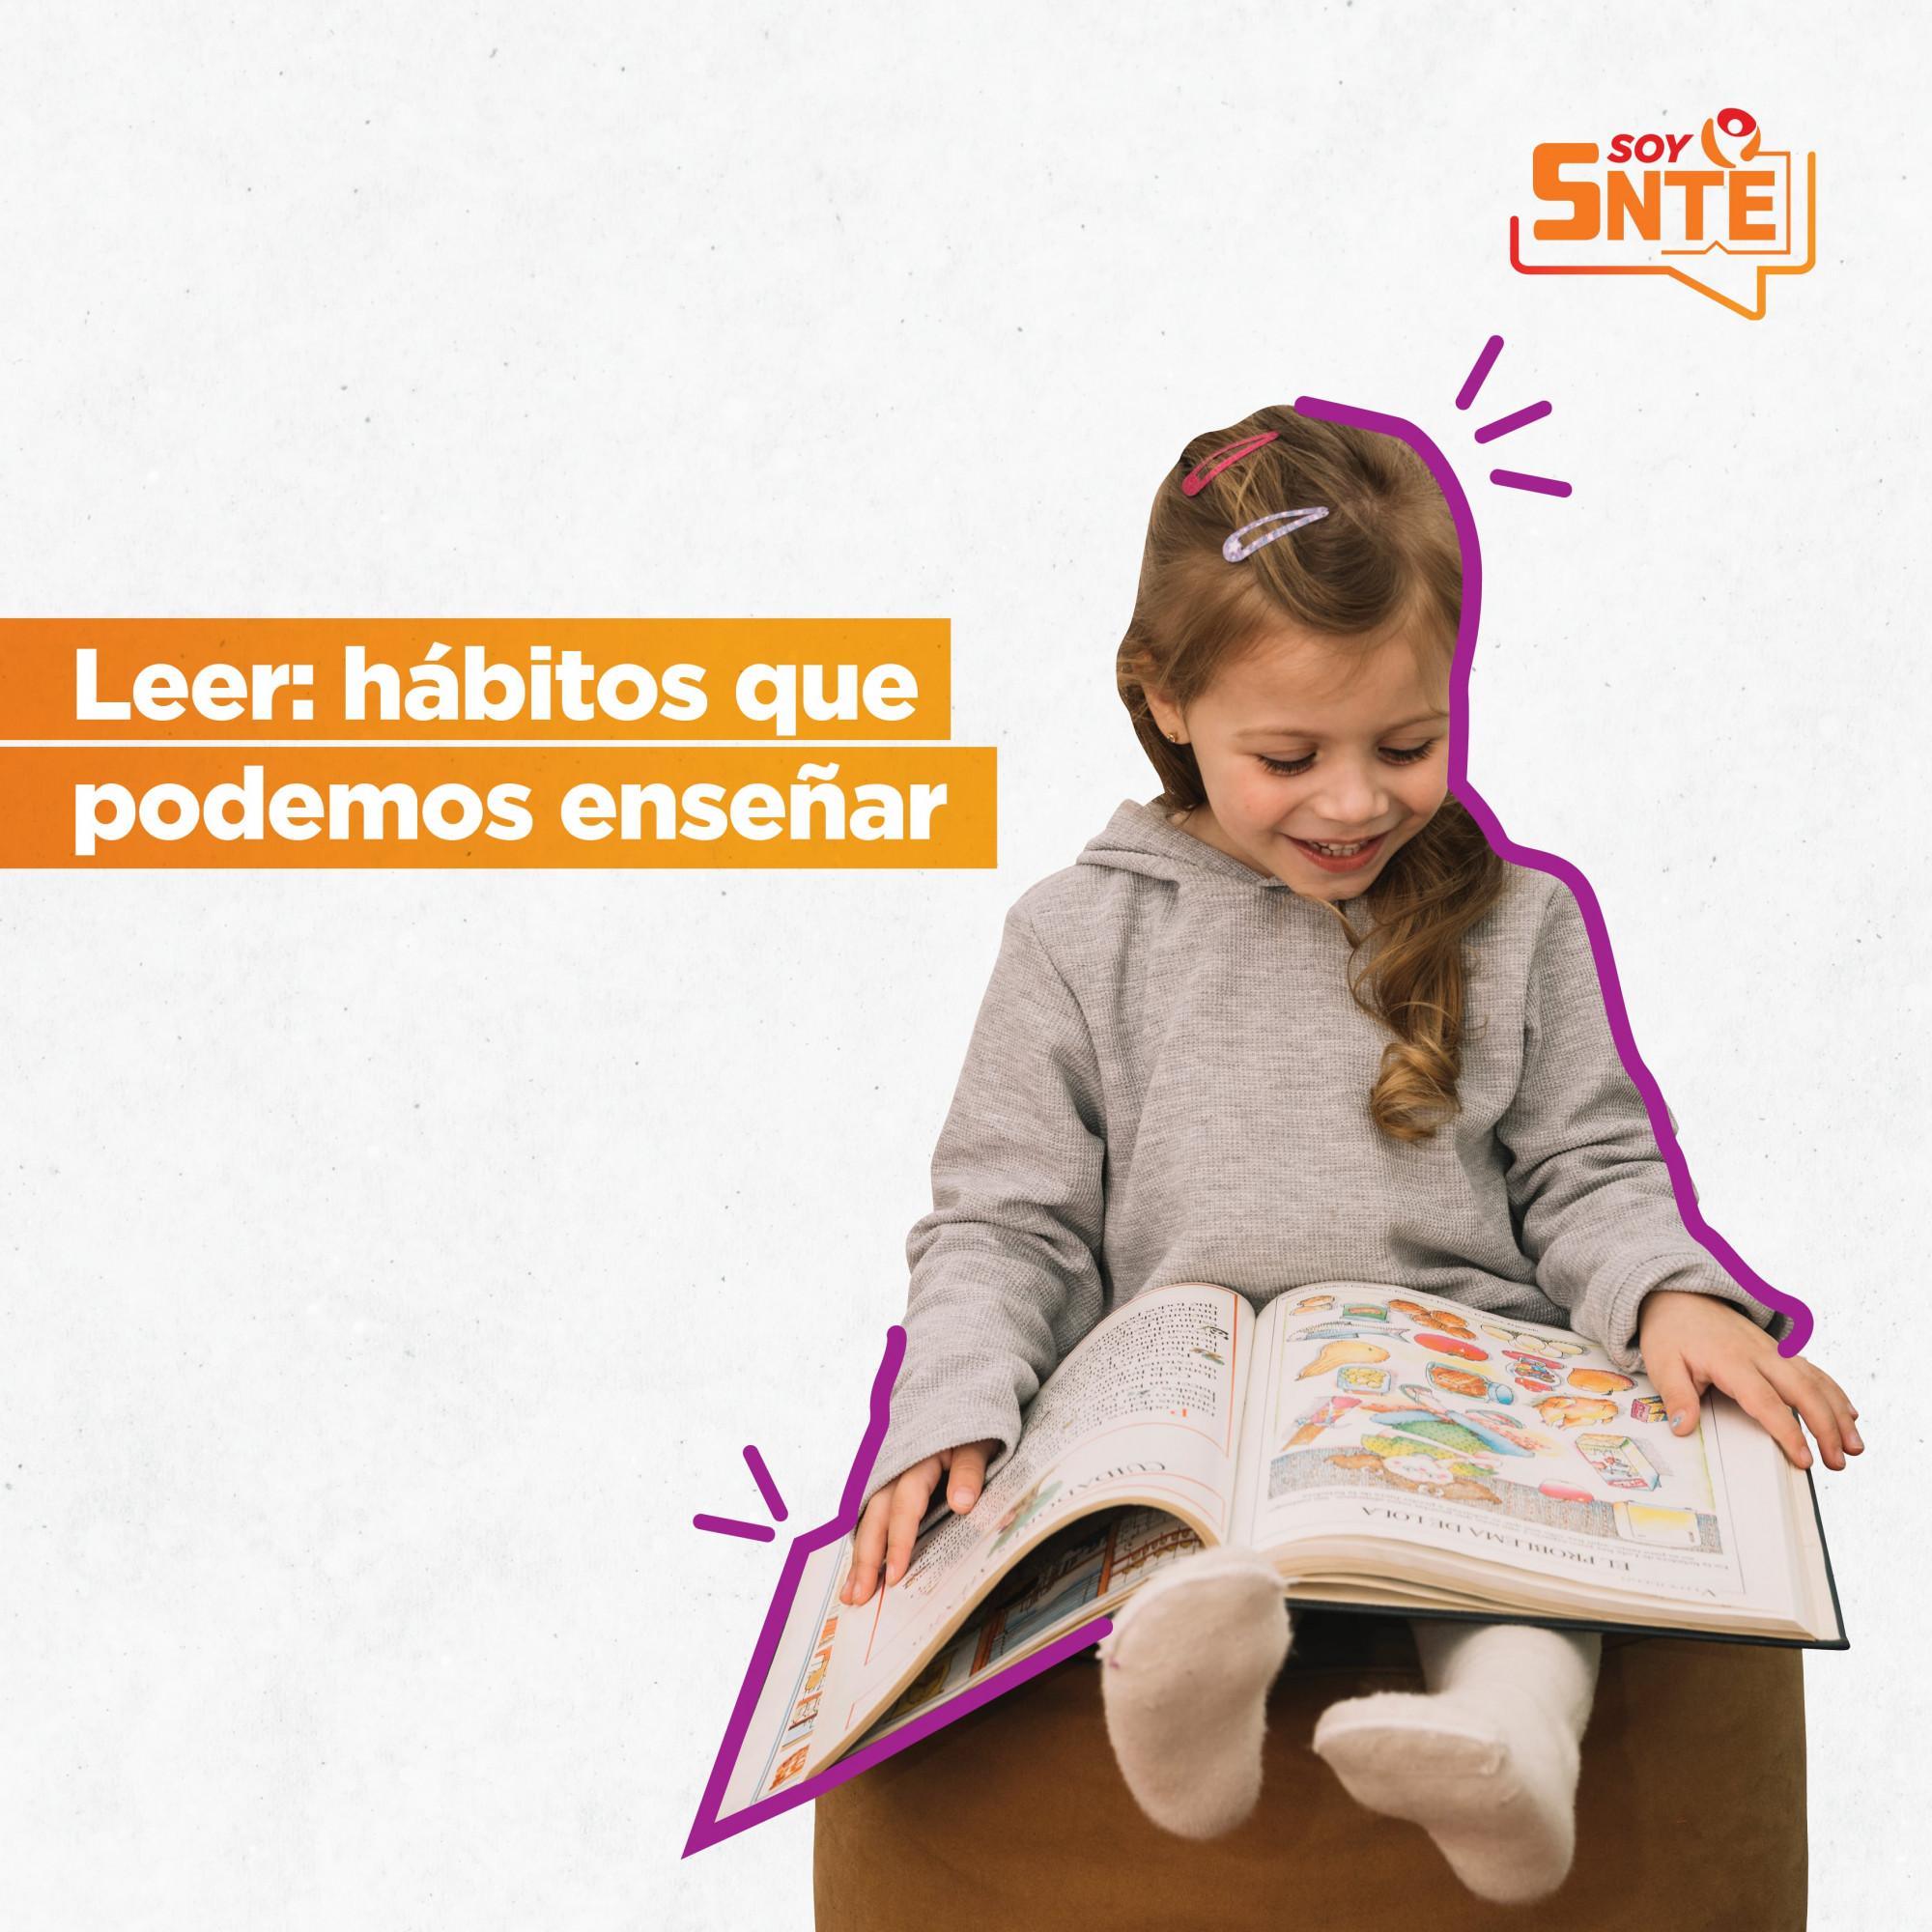 Leer: hábitos que podemos enseñar